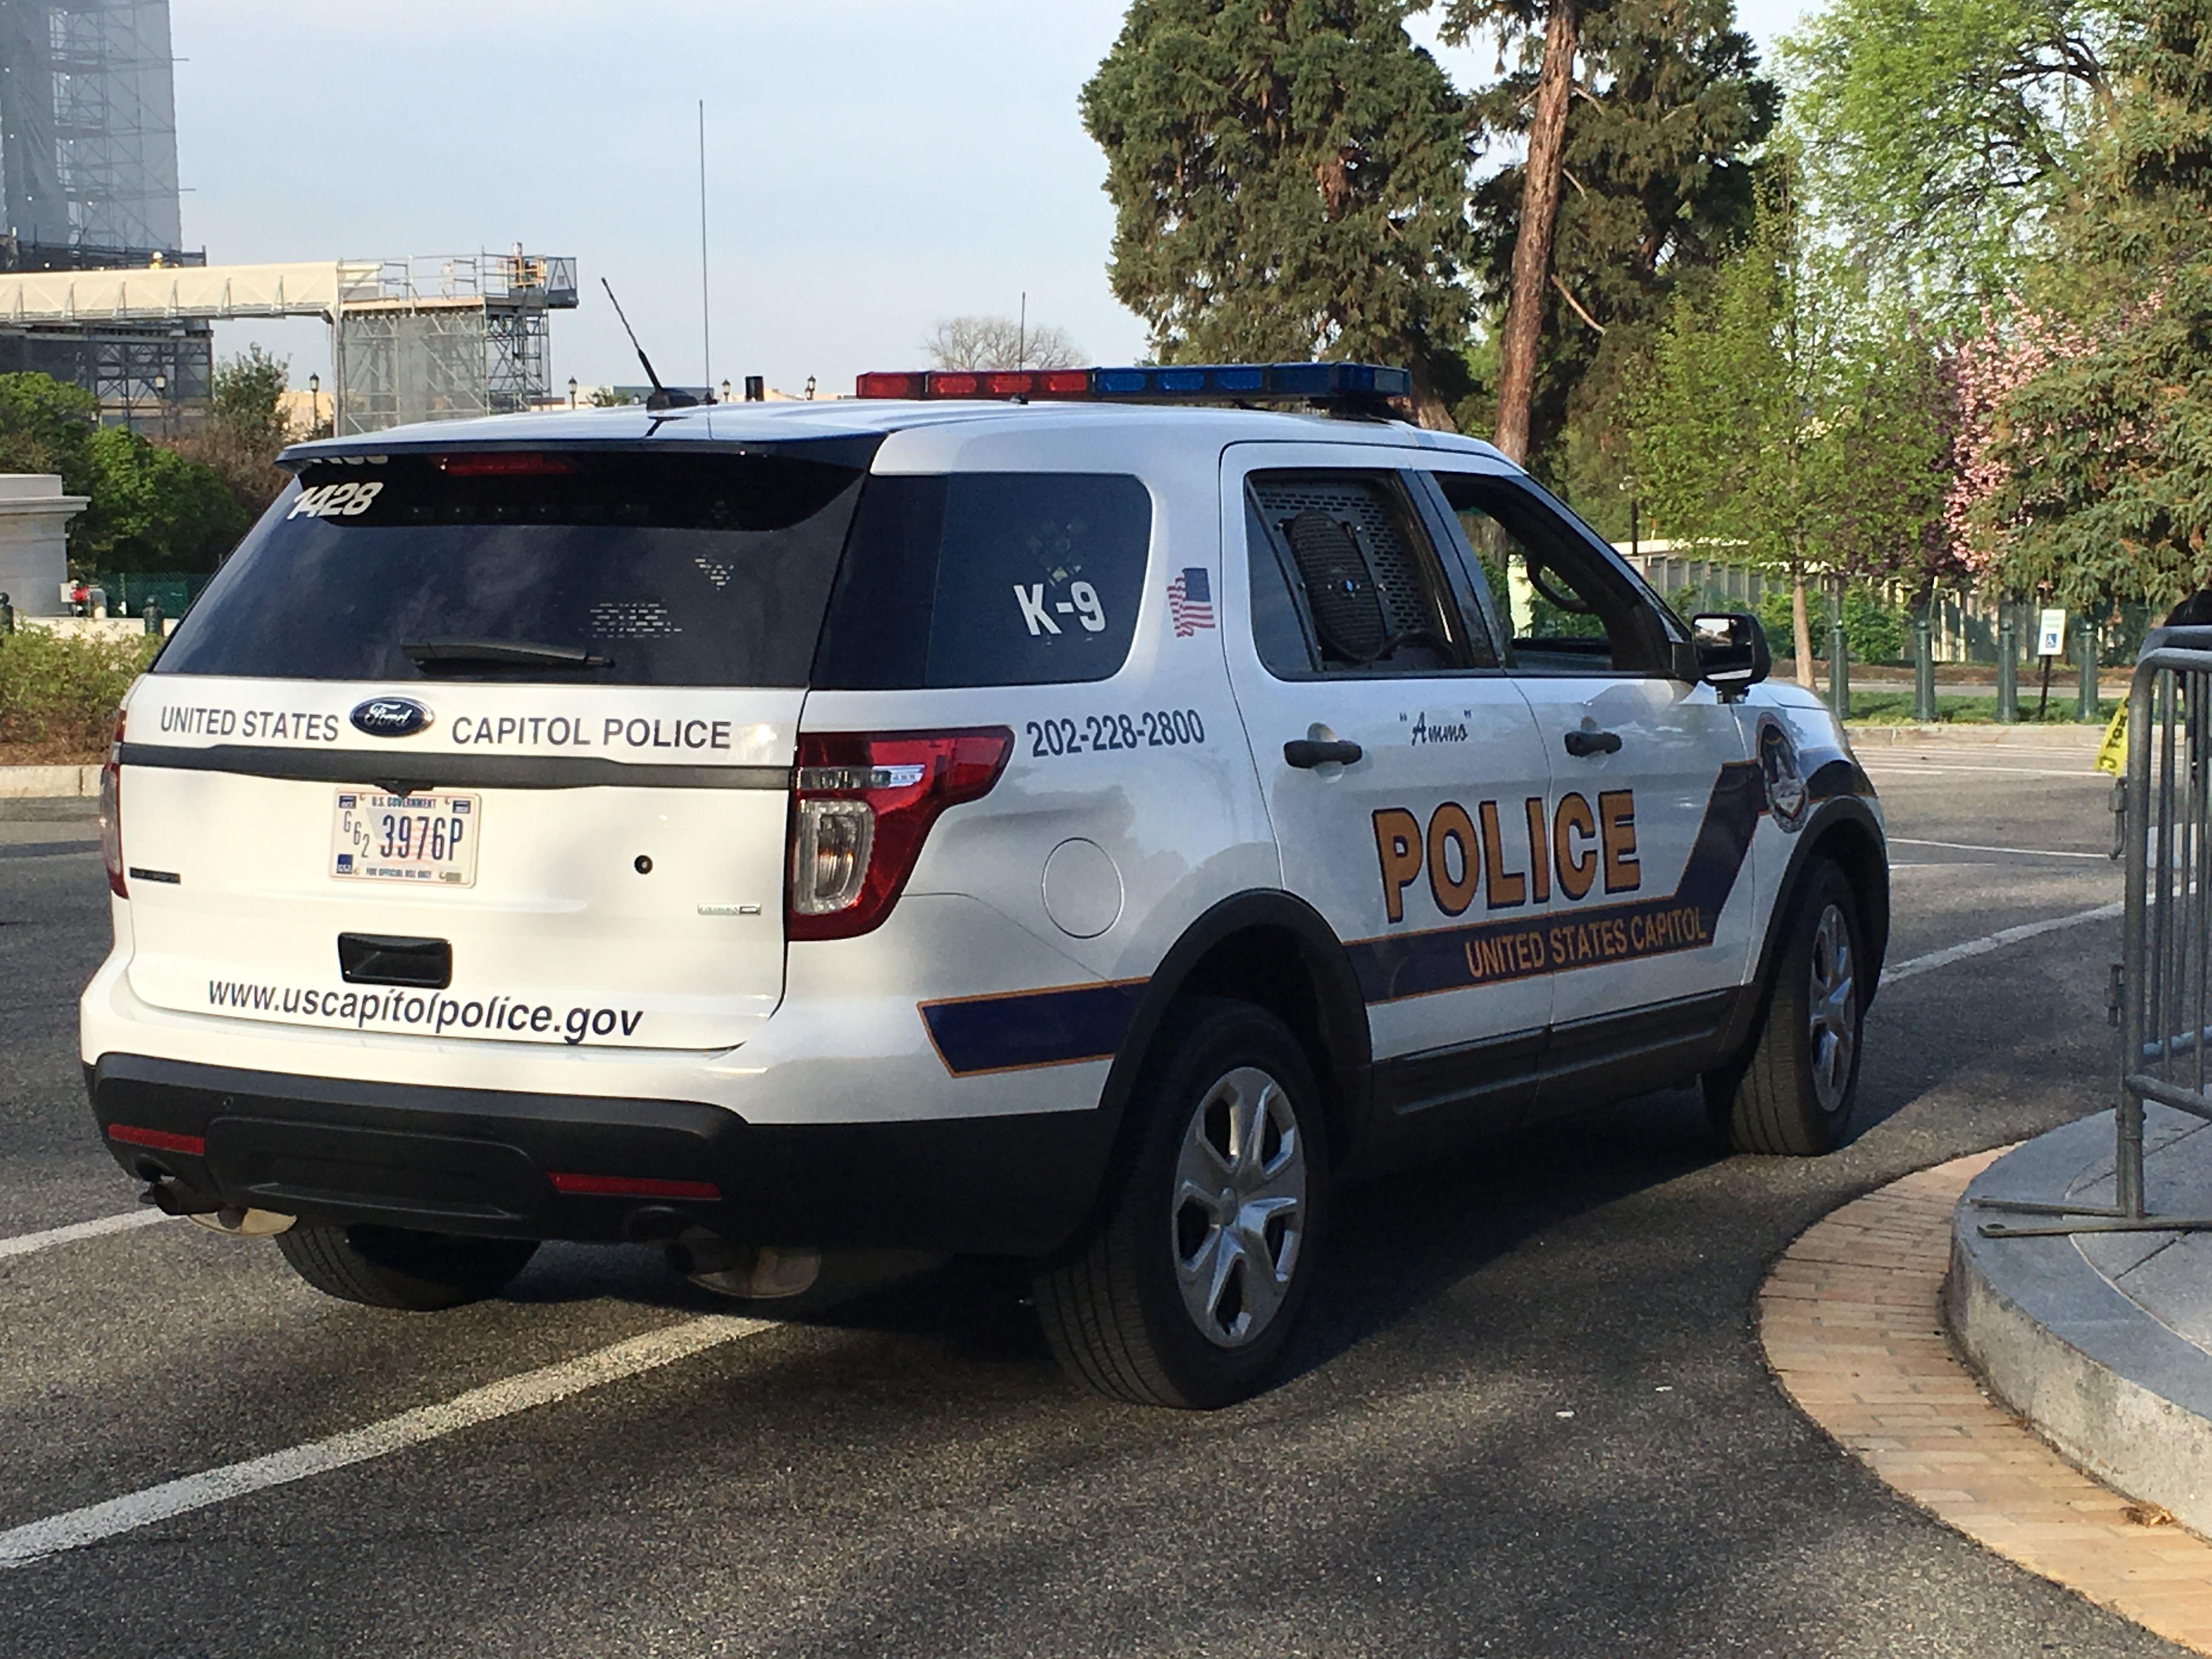 Capitol Police Ford Interceptor Suv Dc Police Truck Police Cars Police